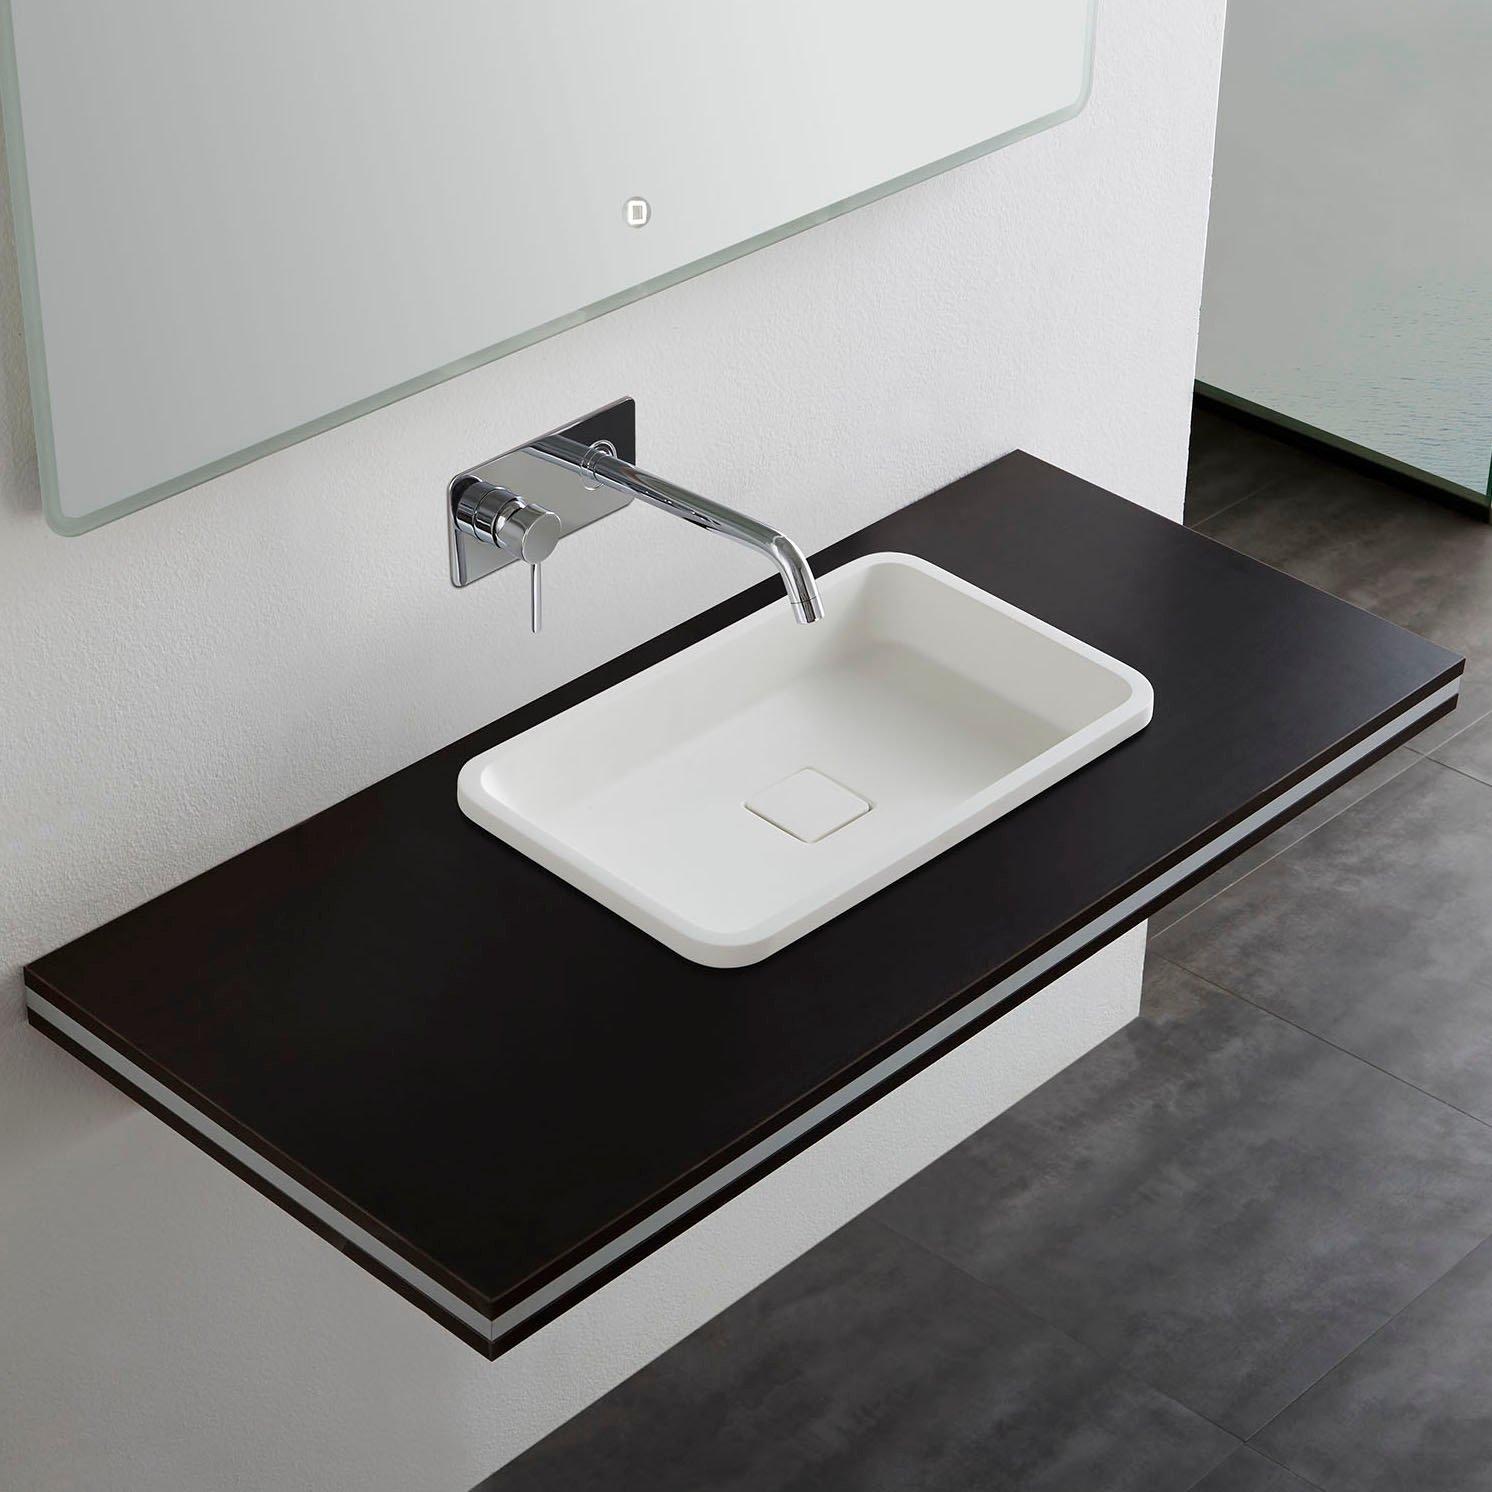 Mineralguss Einbaubecken Einbau-Waschbecken PB2129 - 53x32x10,5cm - Pure Acrylic